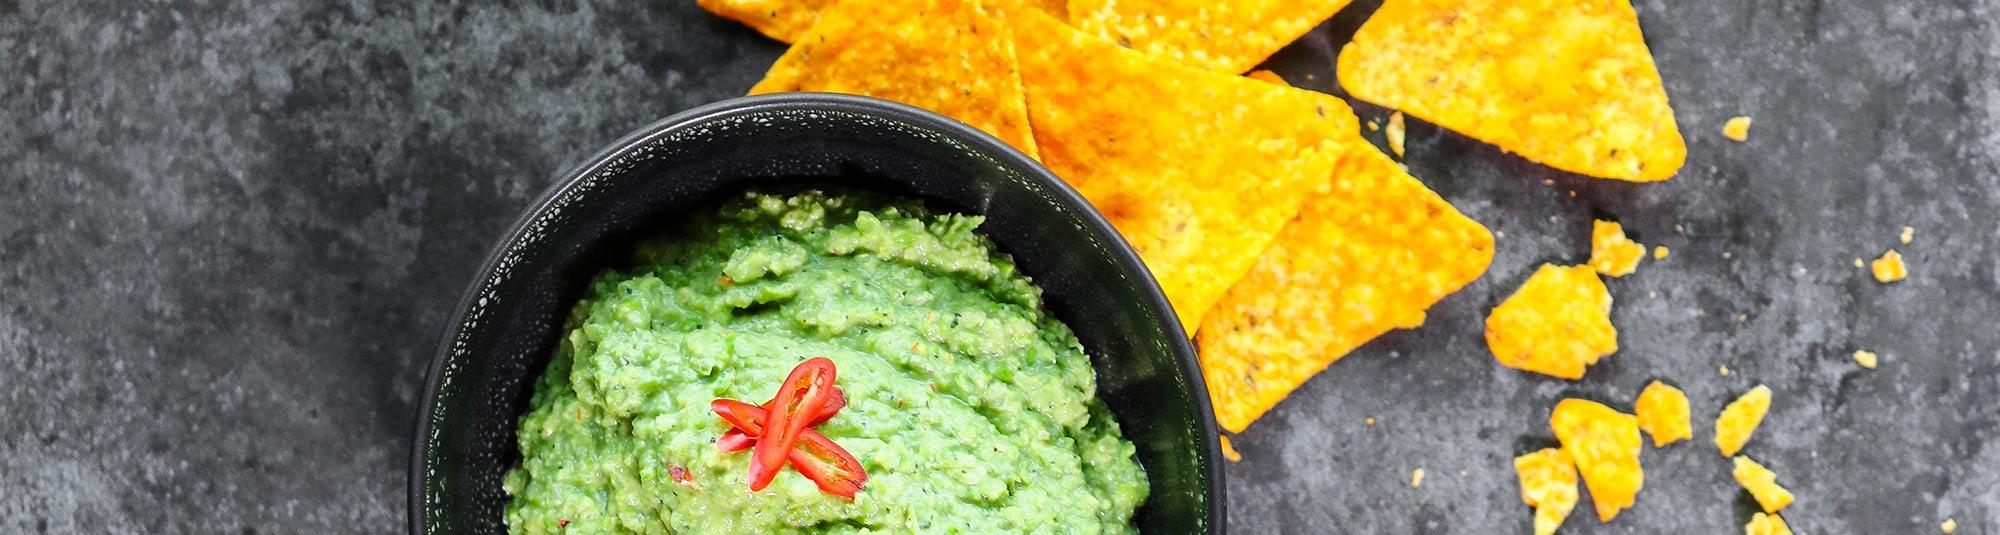 Ärtguacamole med nachos